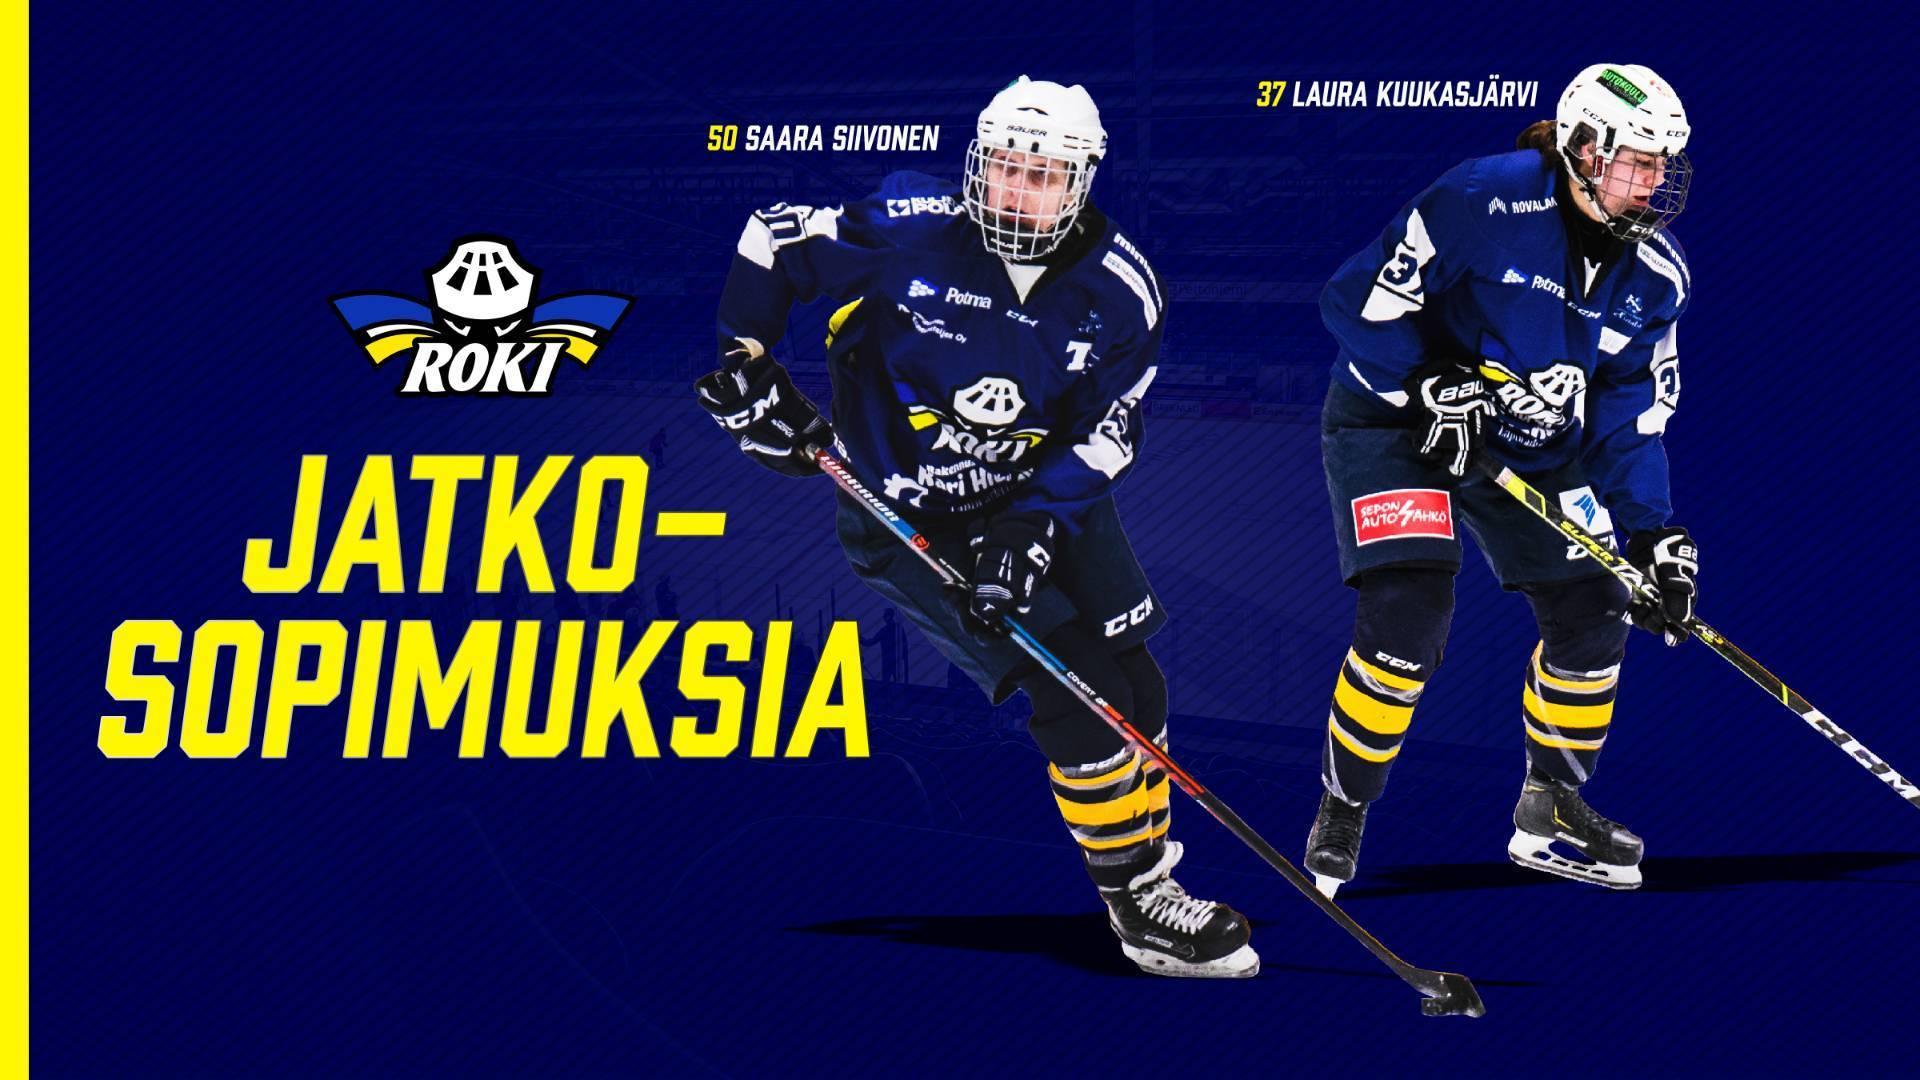 Puolustaja Laura Kuukasjärvi ja hyökkääjä Saara Siivonen jatkavat RoKissa